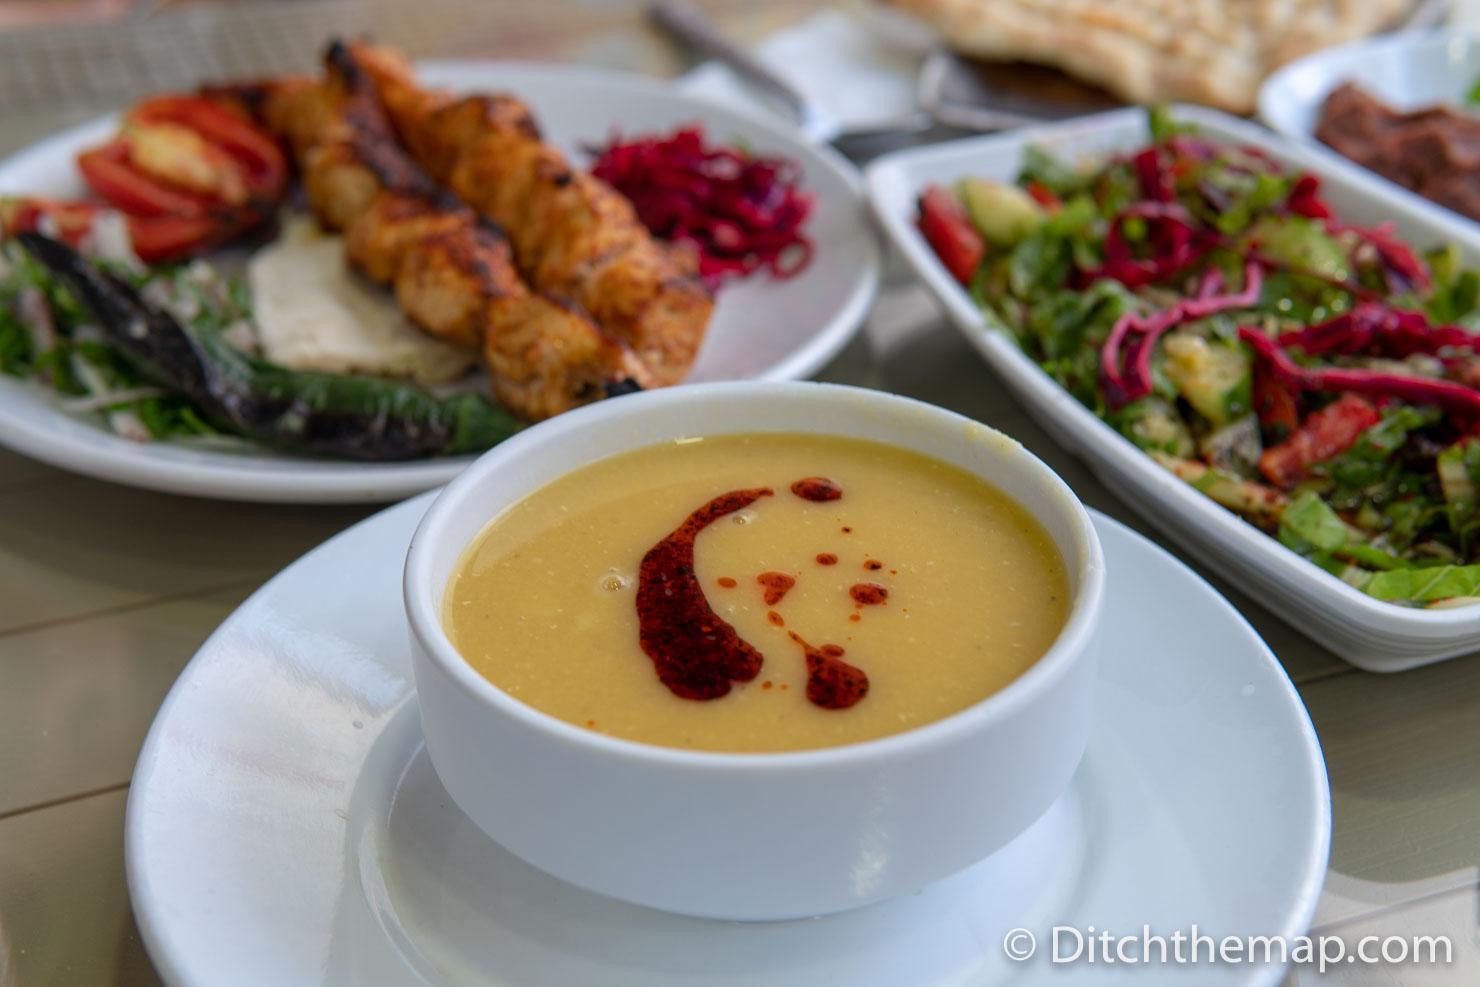 Turkish food dinner